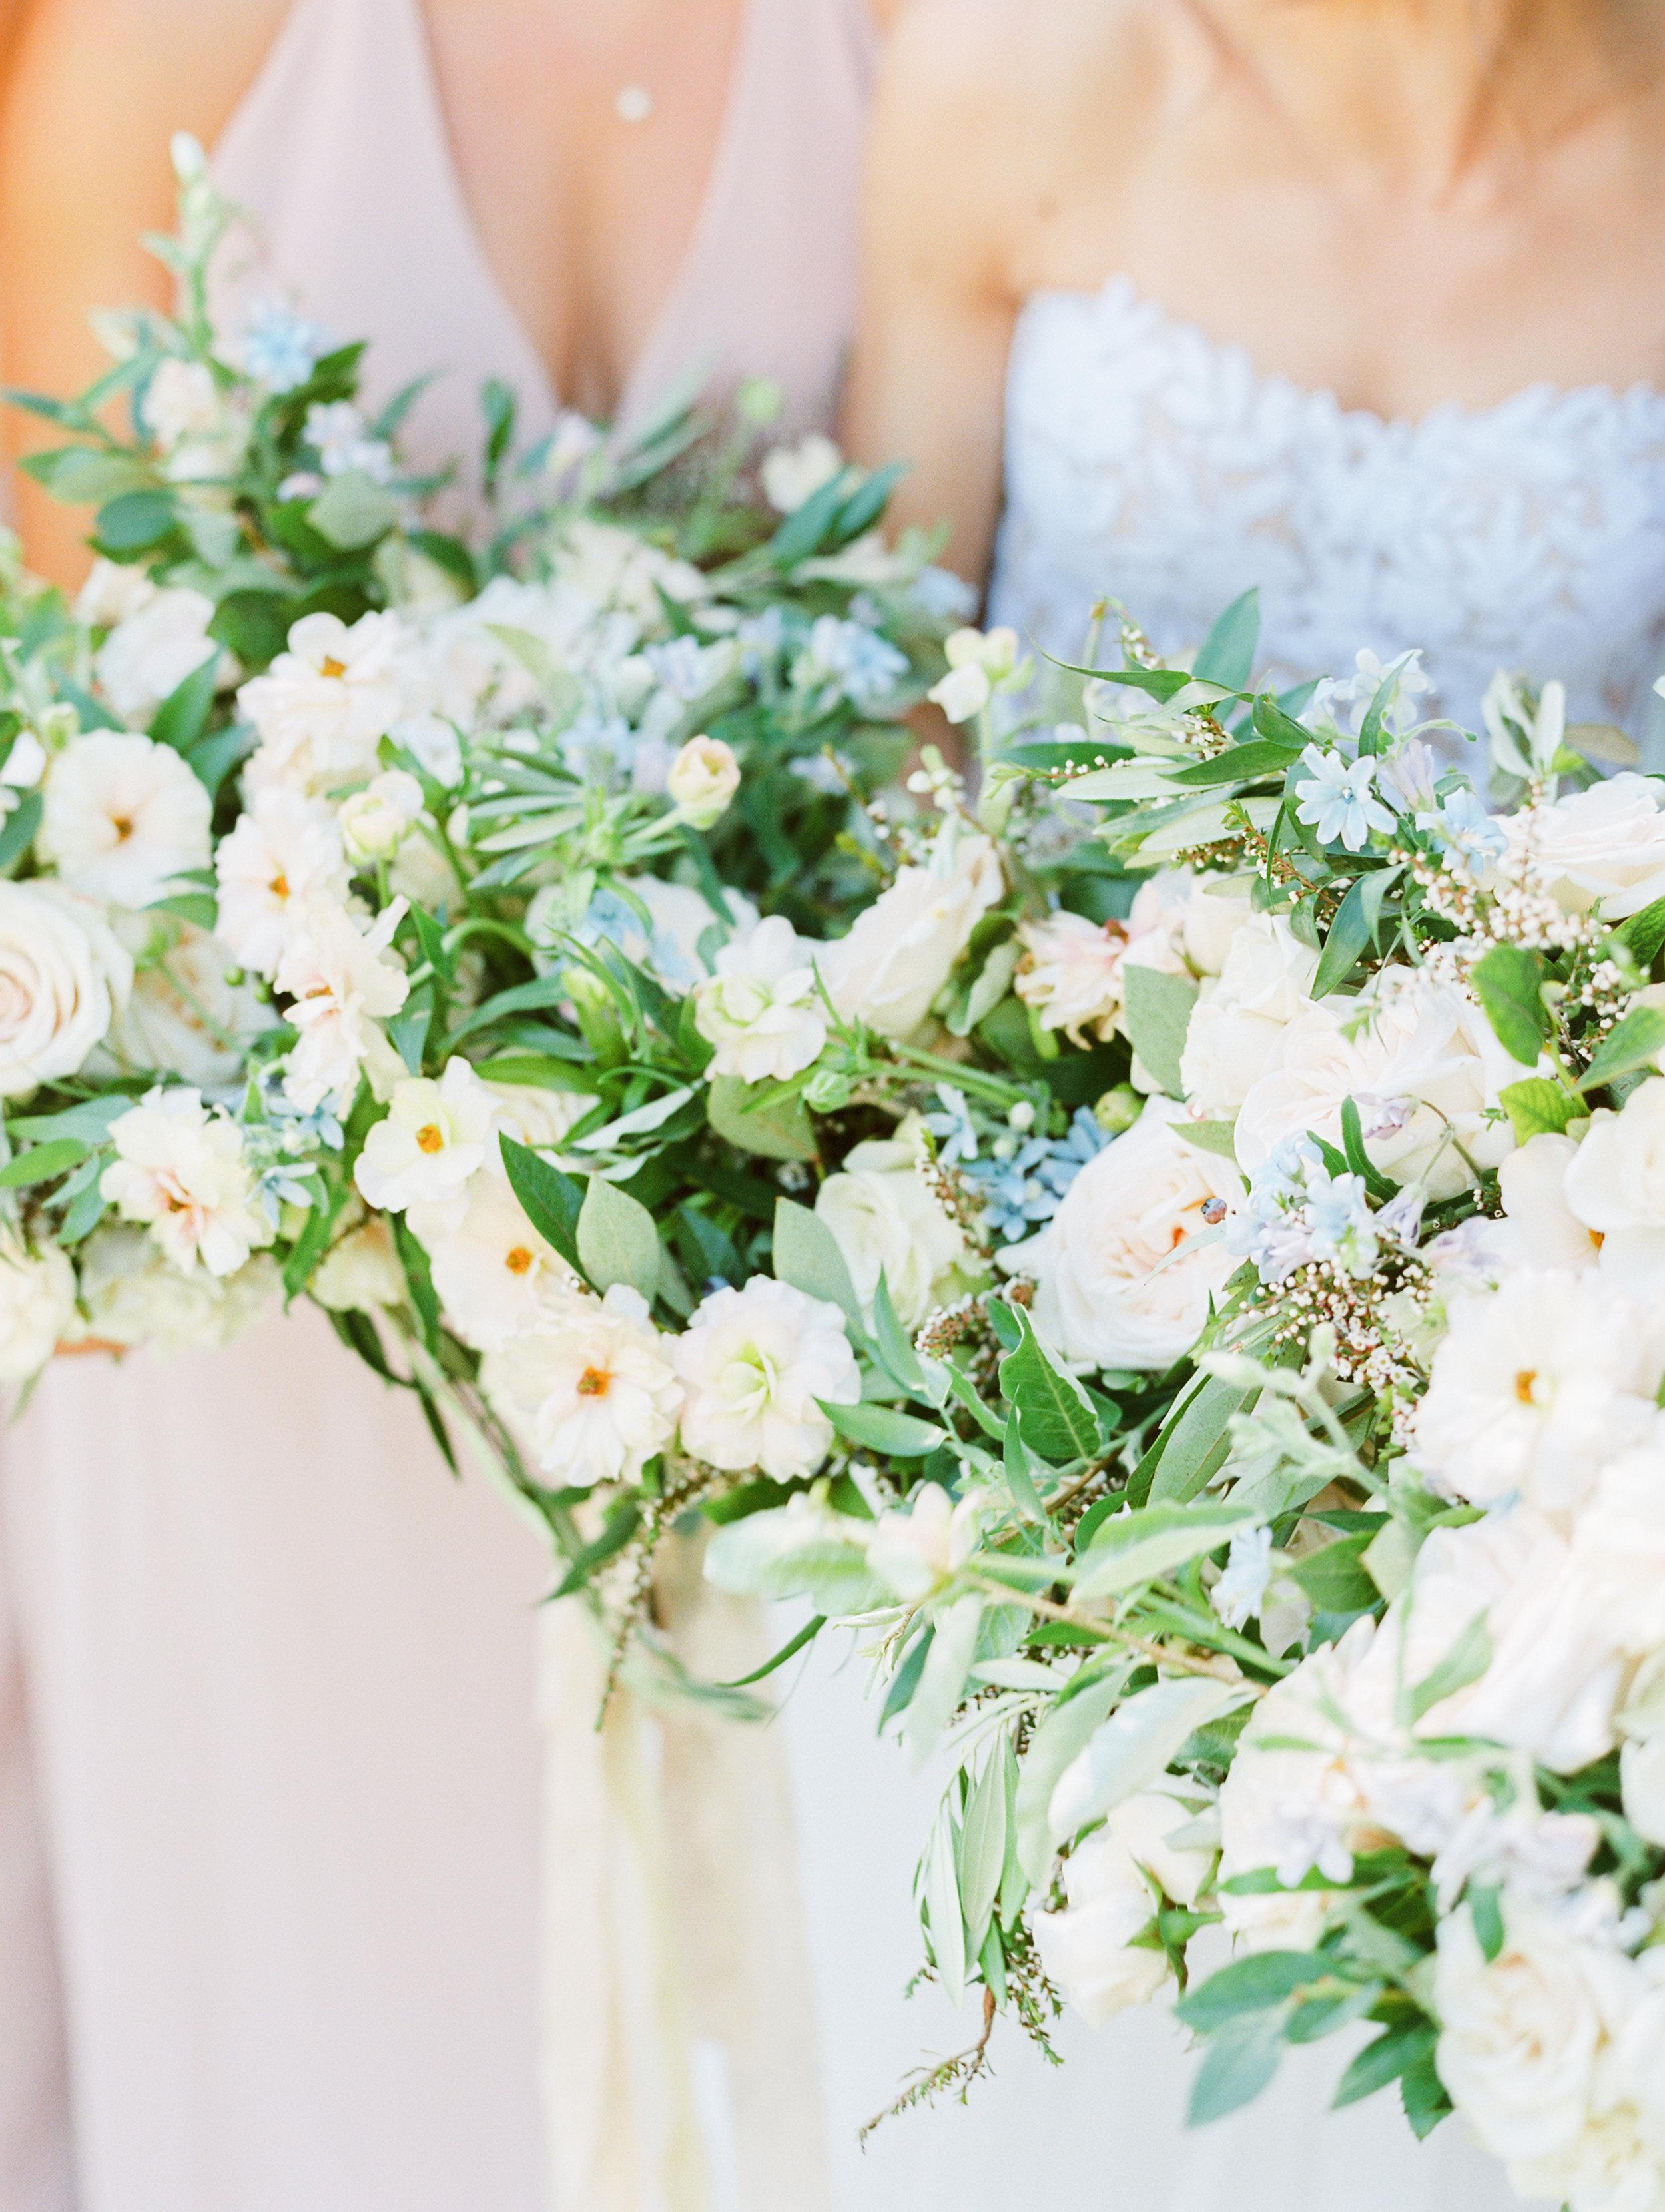 Steinlage+Wedding+Bridal+Party-56.jpg